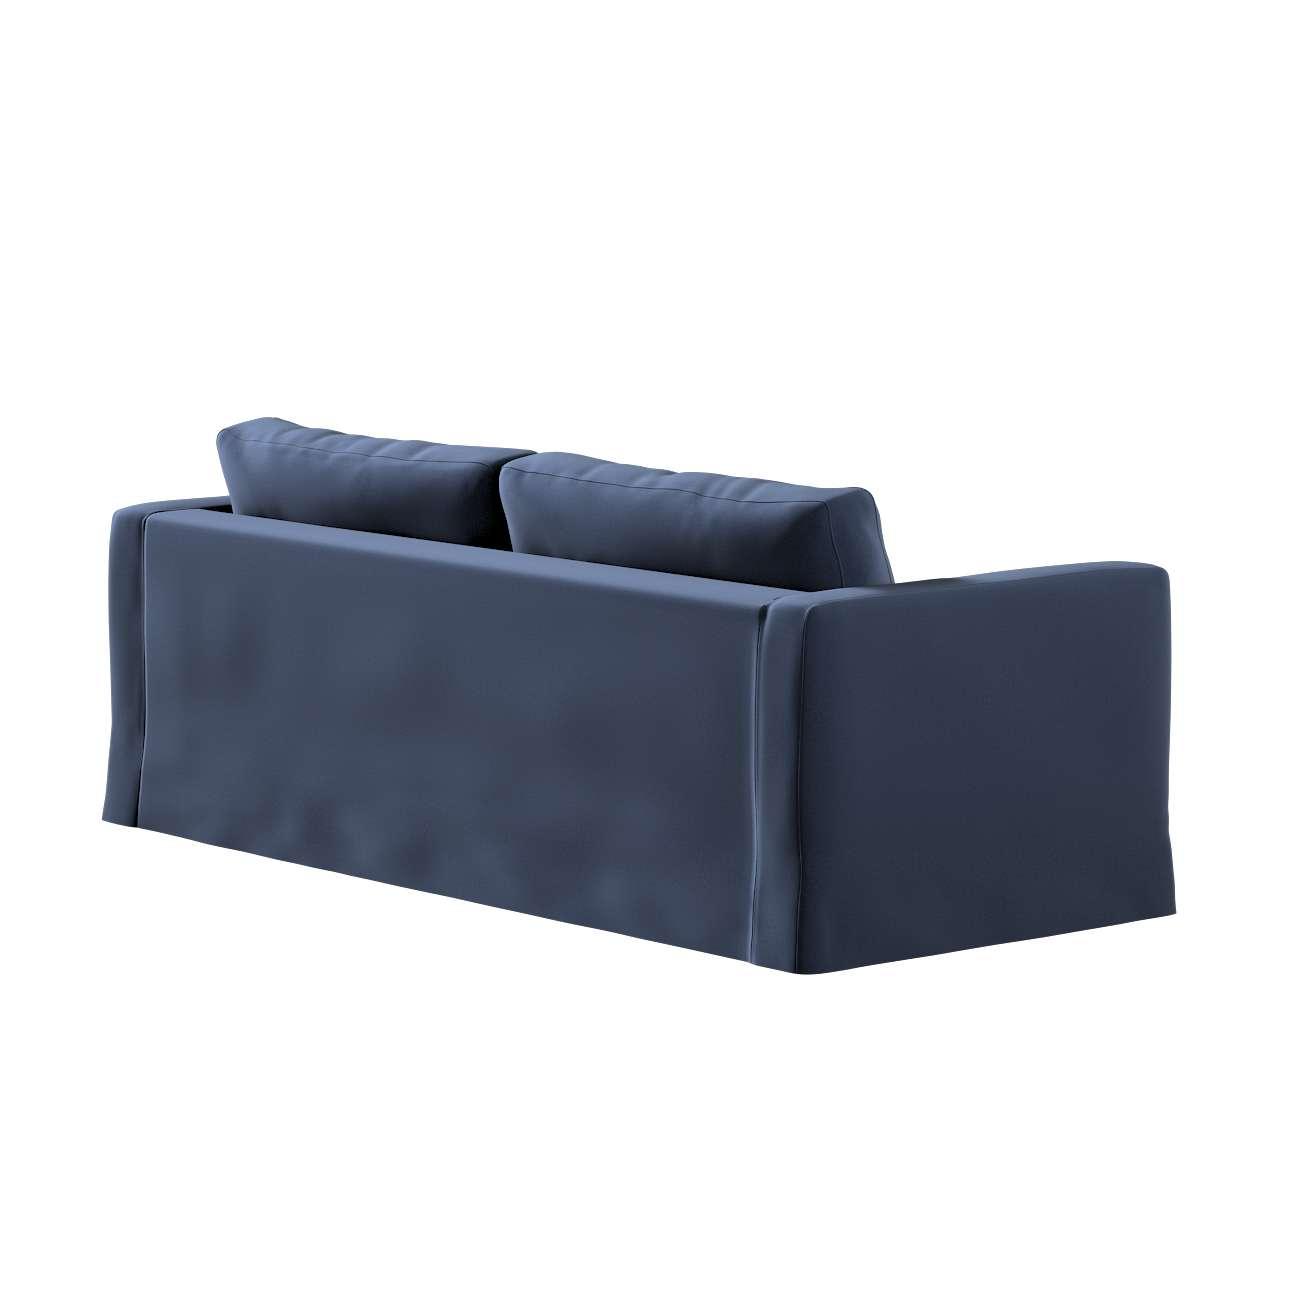 Pokrowiec na sofę Karlstad 3-osobową nierozkładaną, długi w kolekcji Ingrid, tkanina: 705-39